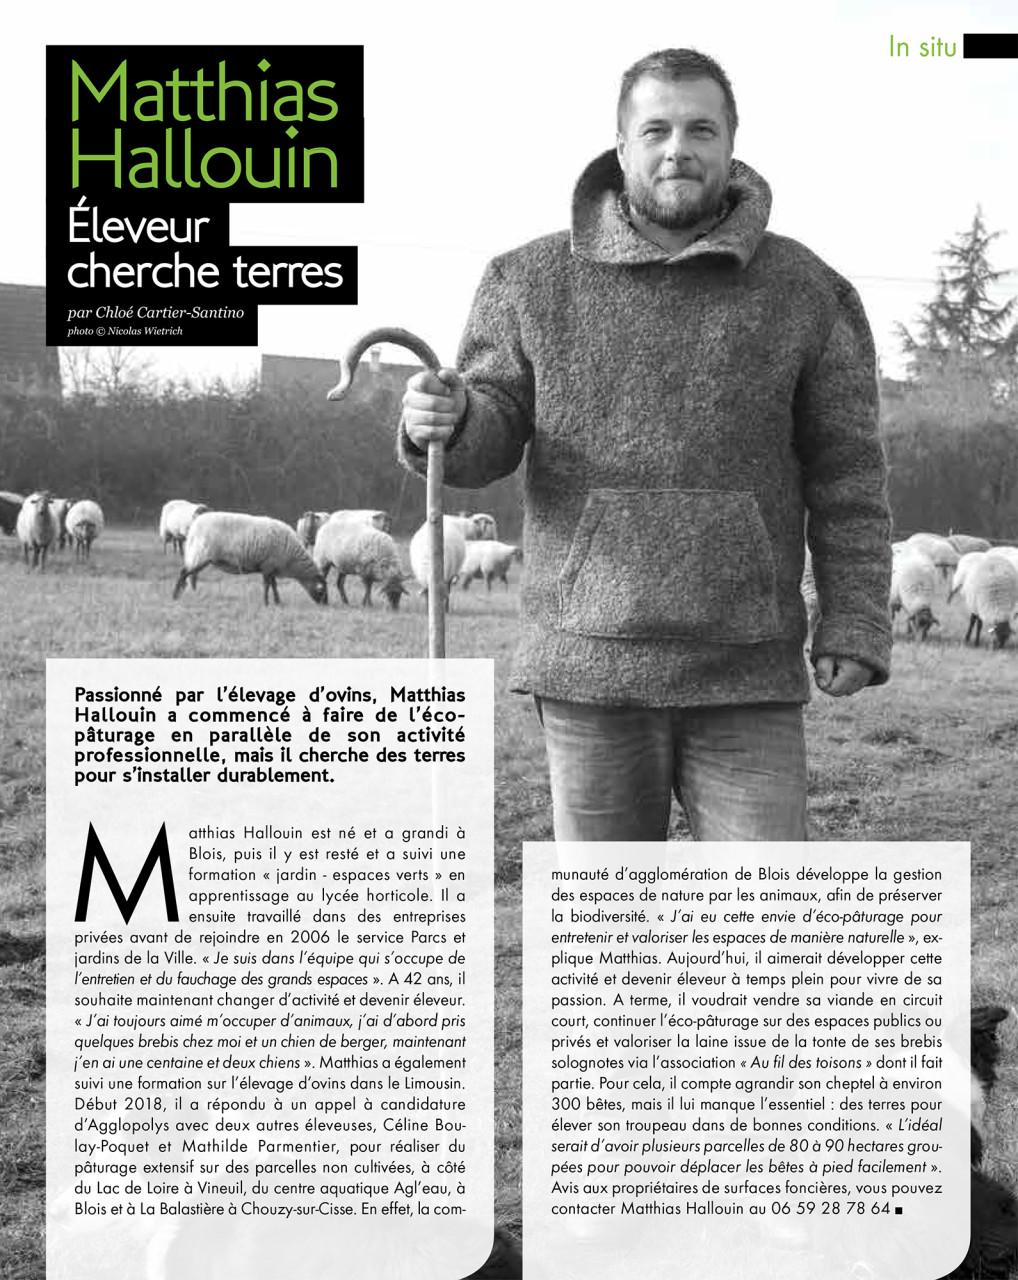 Parution dans Blois Mag de janvier 2020 : Texte Chloé Cartier-Santino. Photo © Nicolas Wietrich